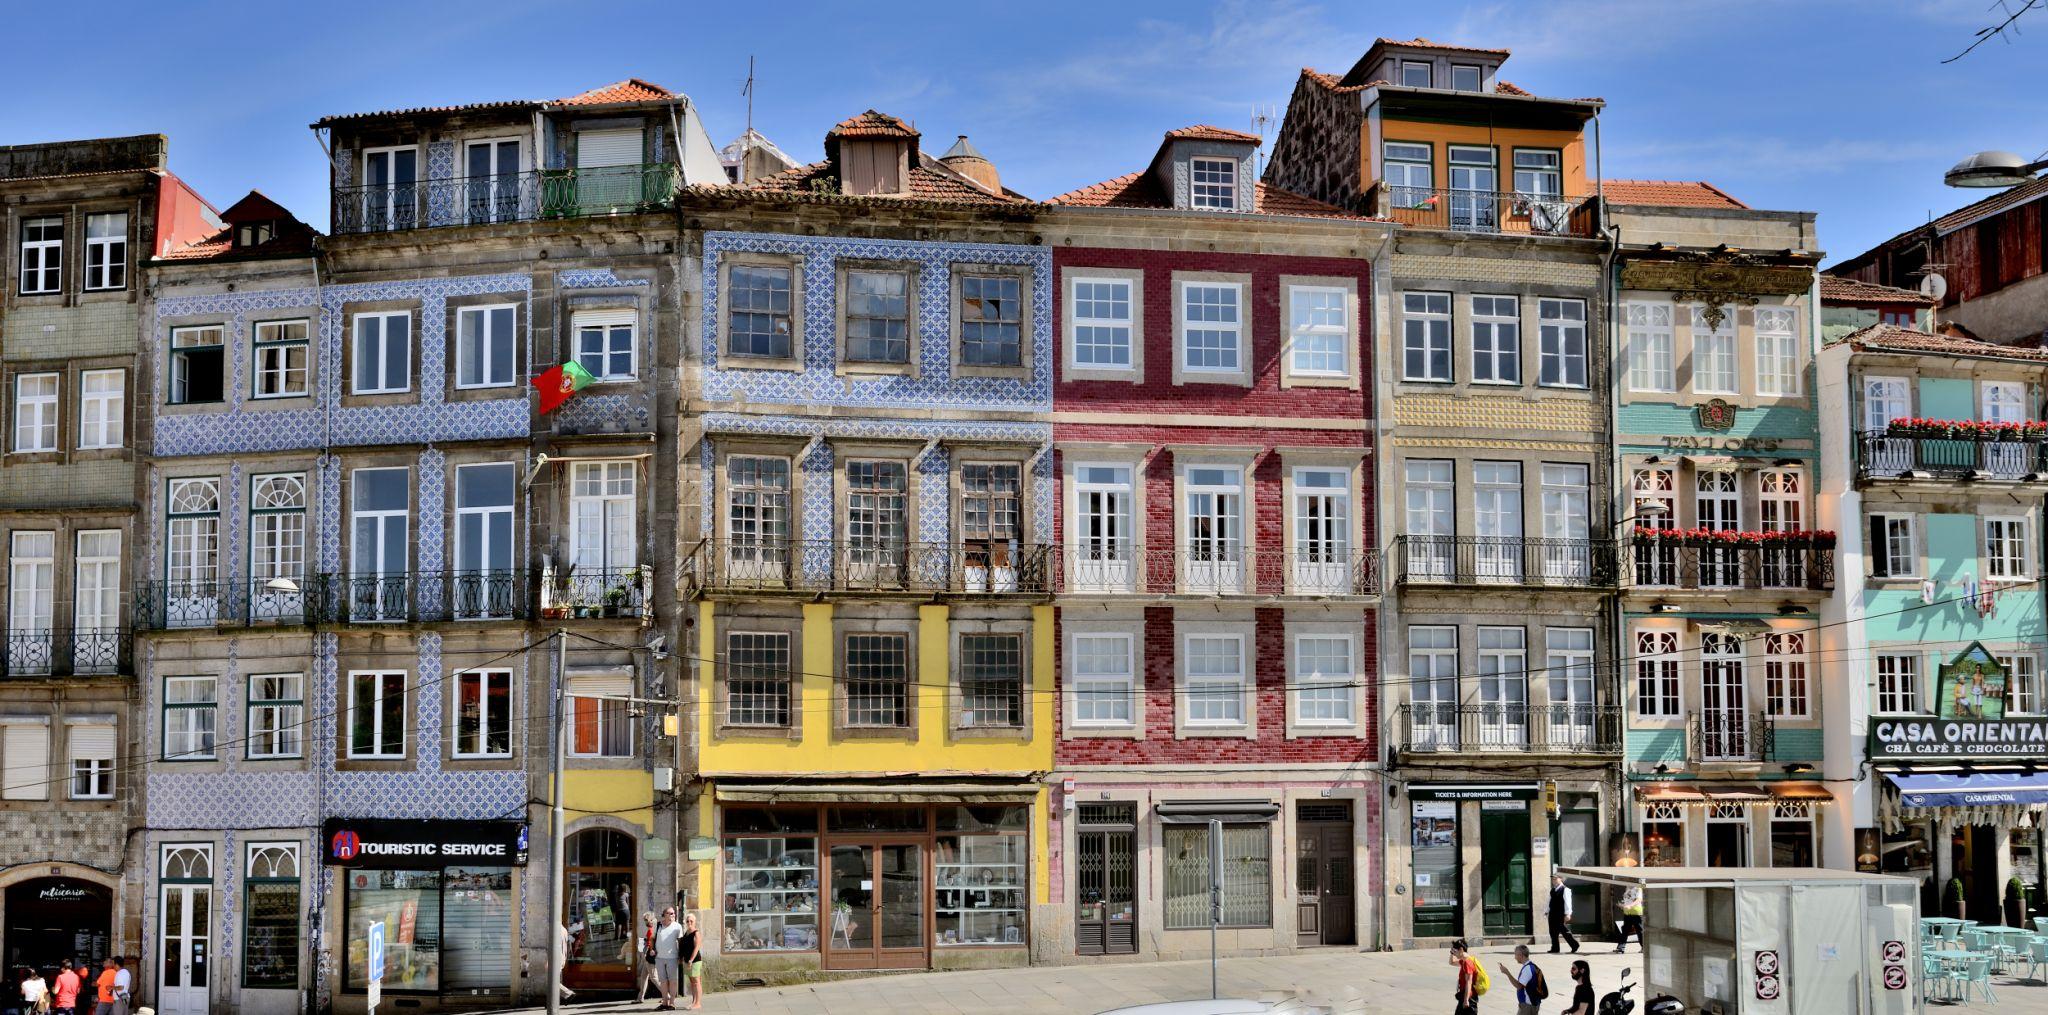 Porto facades, Portugal